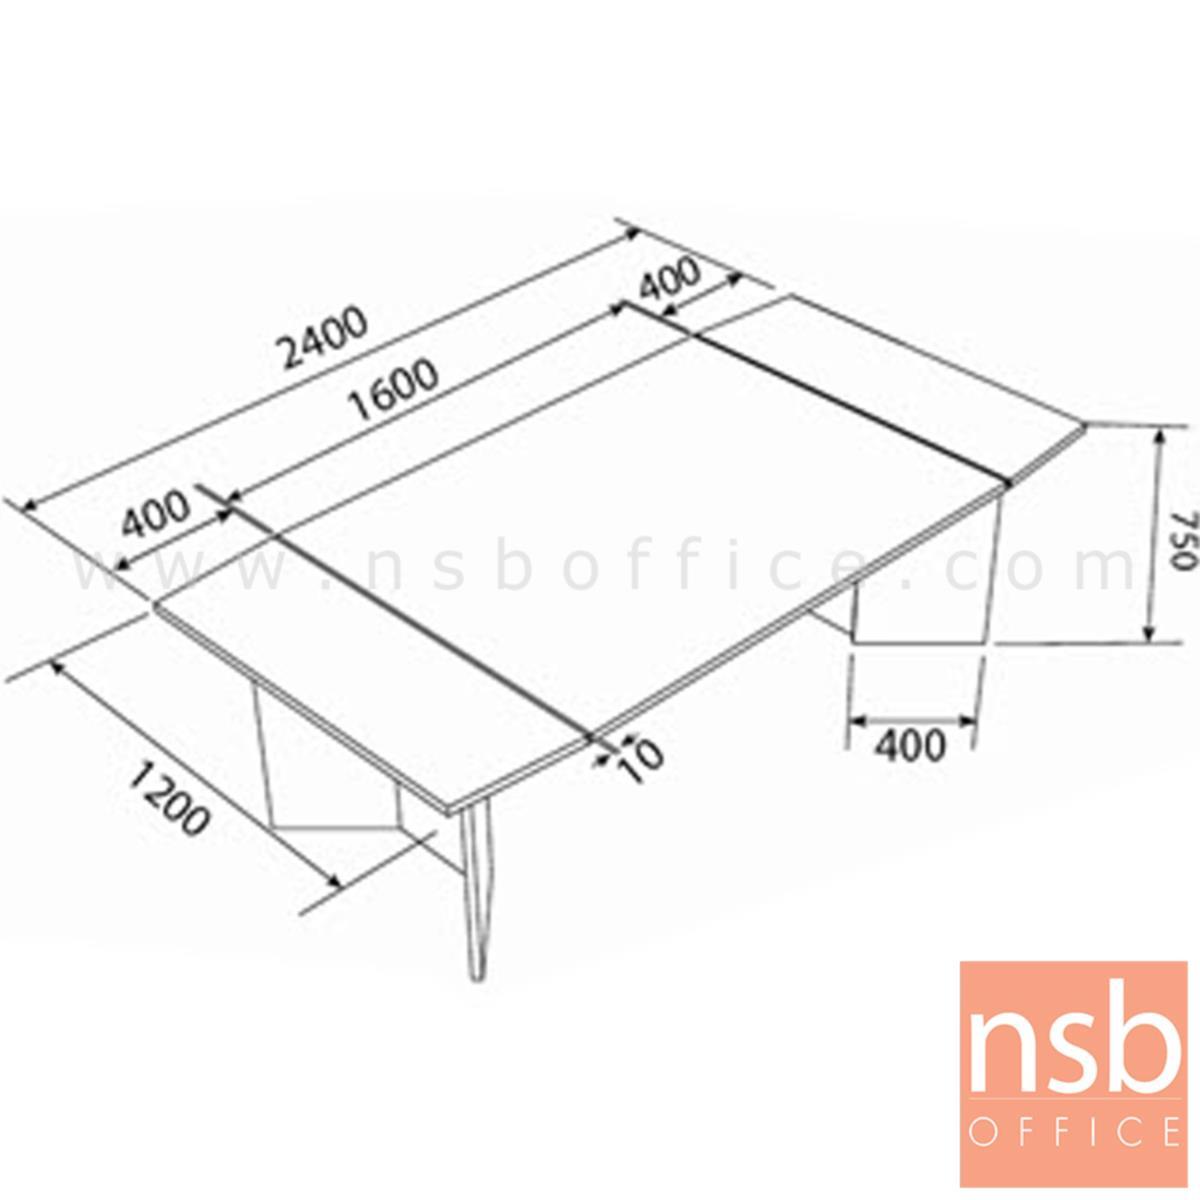 โต๊ะประชุมทรงสี่เหลี่ยมคางหมู BAVARIA (บาวาเรีย)  240W cm. สีมอคค่าวอลนัท-ดำ